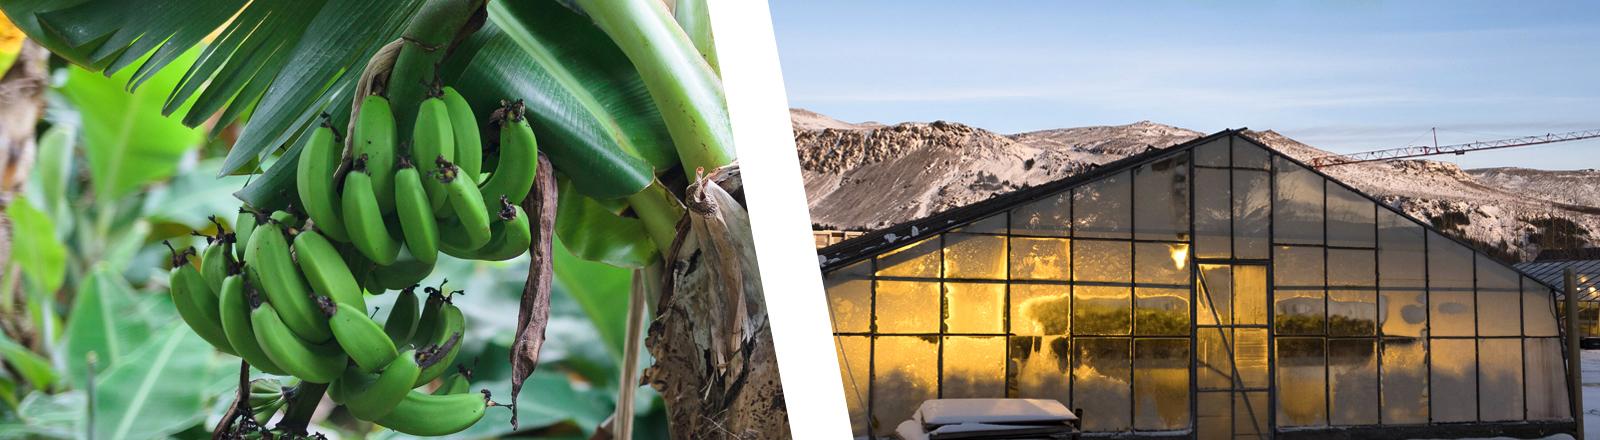 Collage: grüne Bananen und Gewächshaus im islandischen Schnee